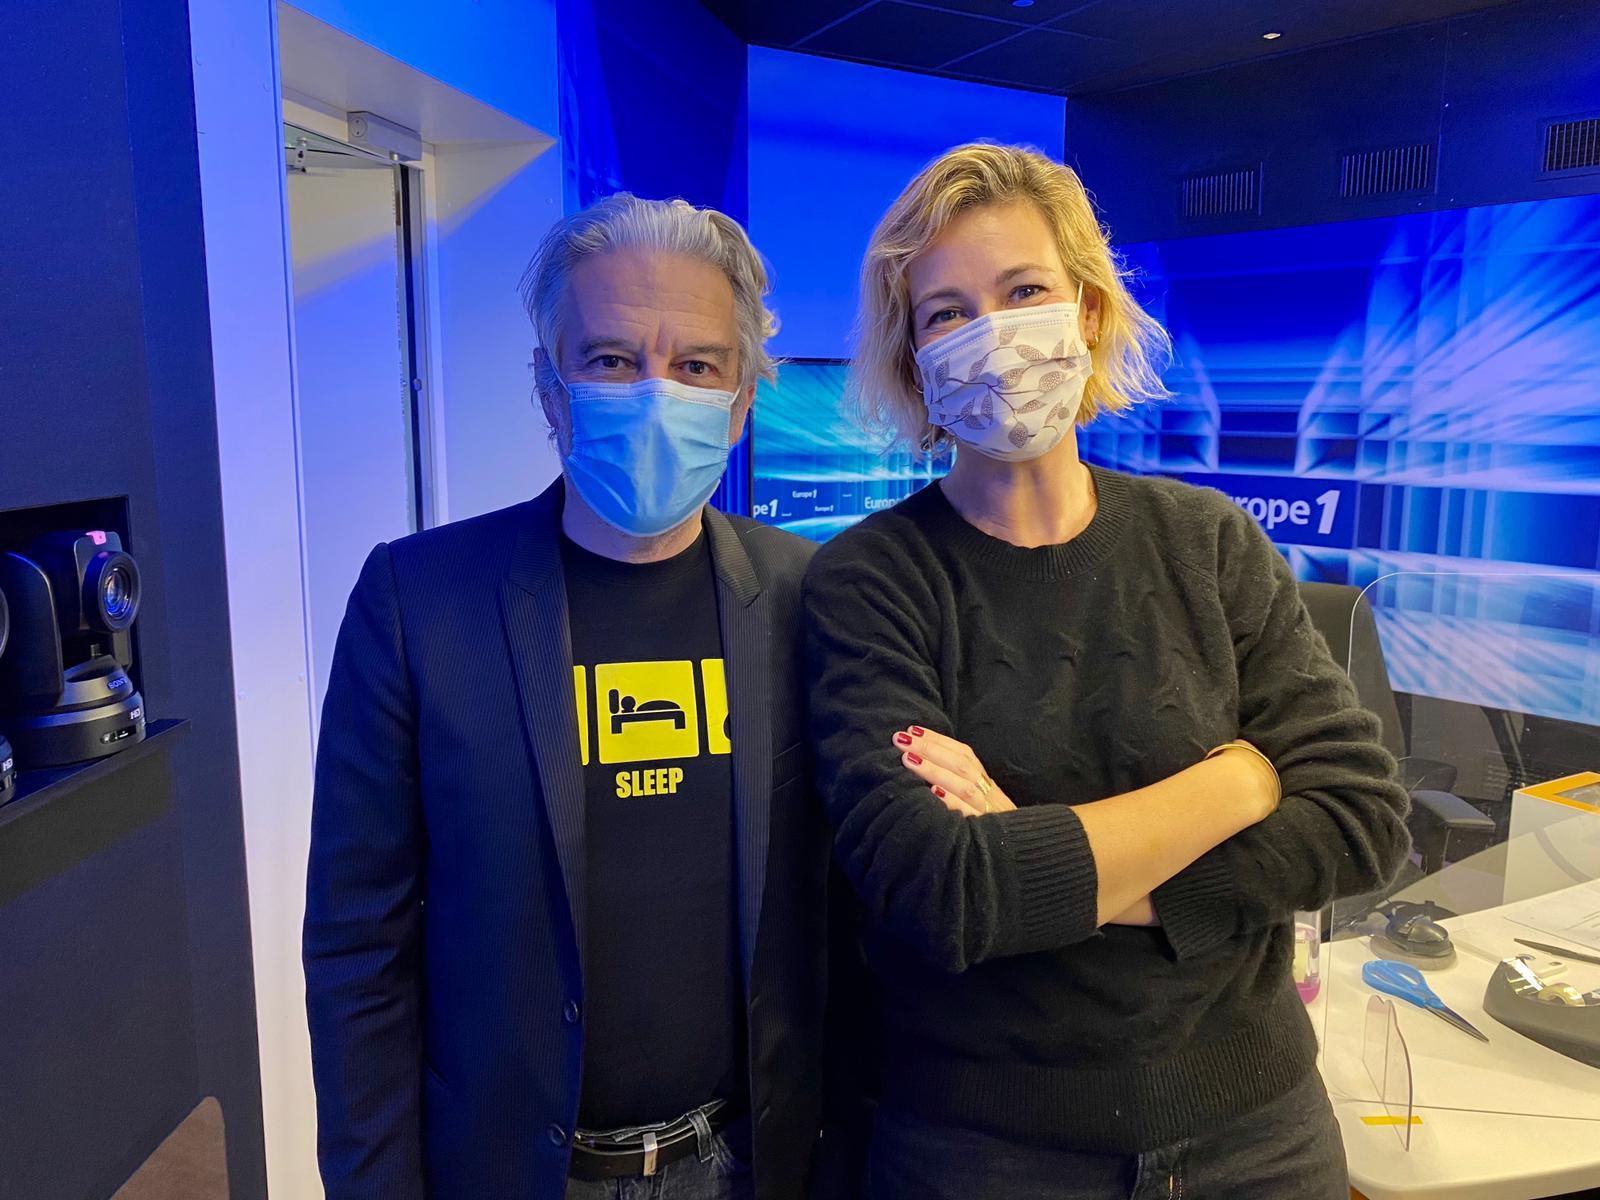 Avec Philippe Vandel - Europe 1 - 01.10.20